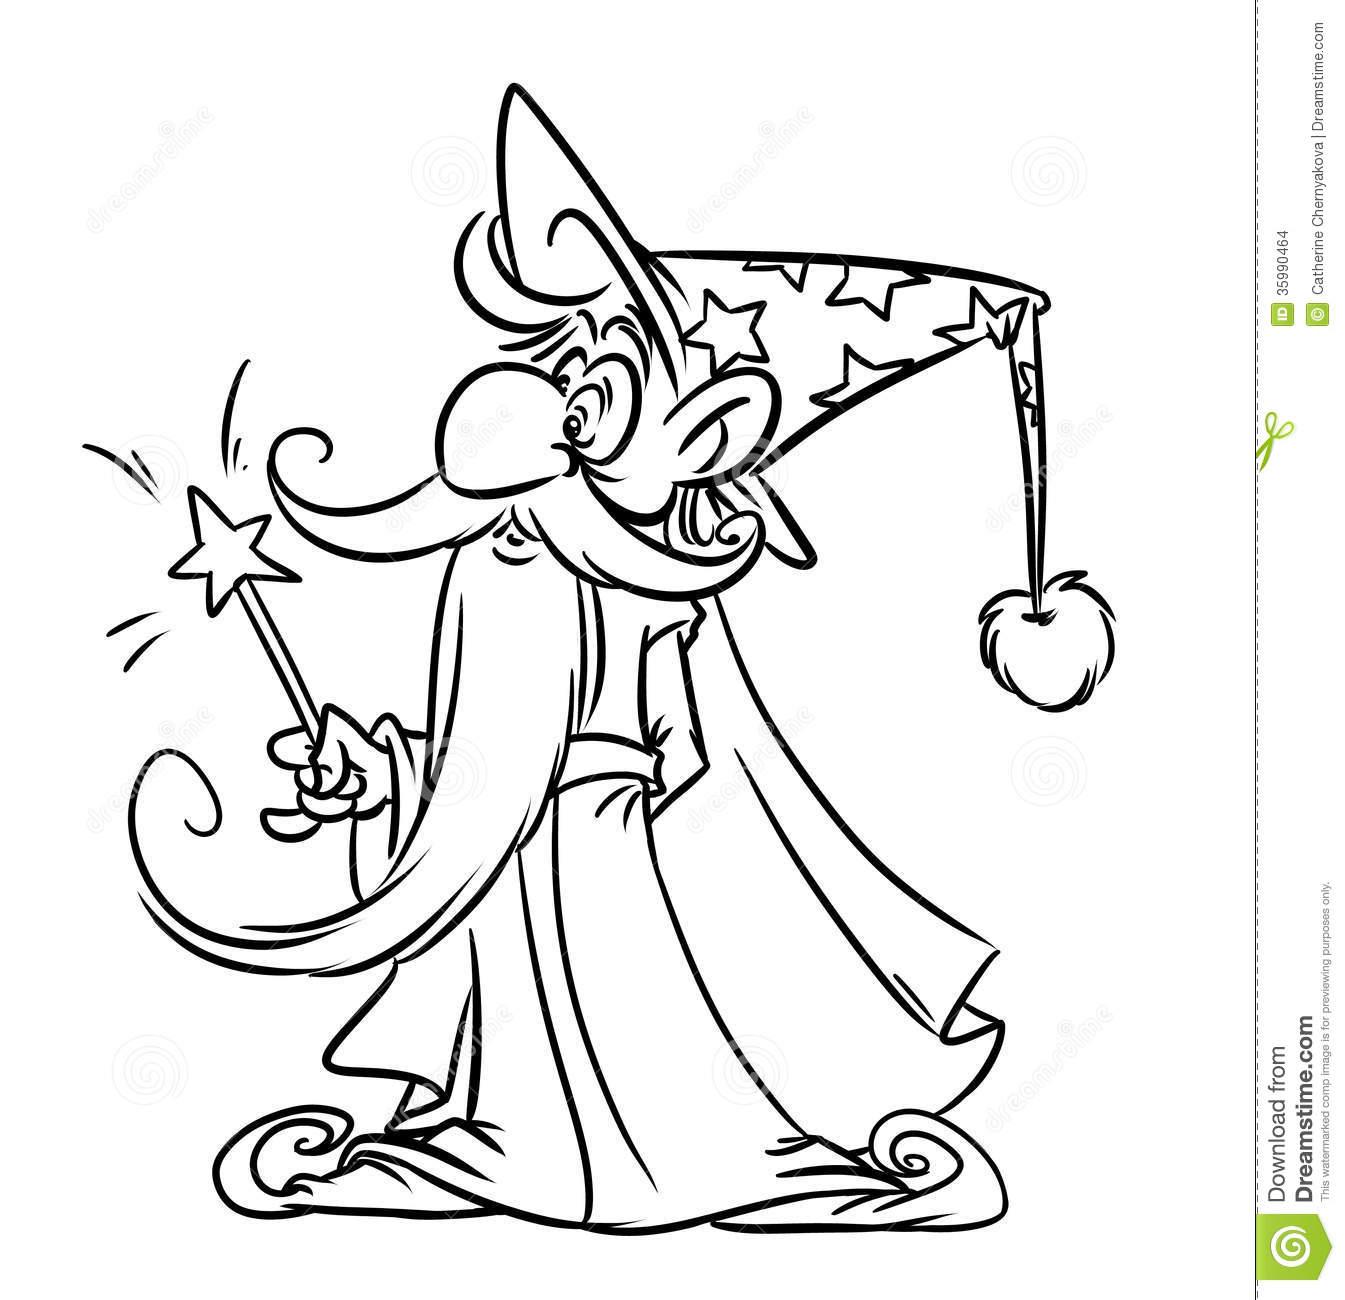 14 dessins de coloriage magicien imprimer - Magicien dessin ...